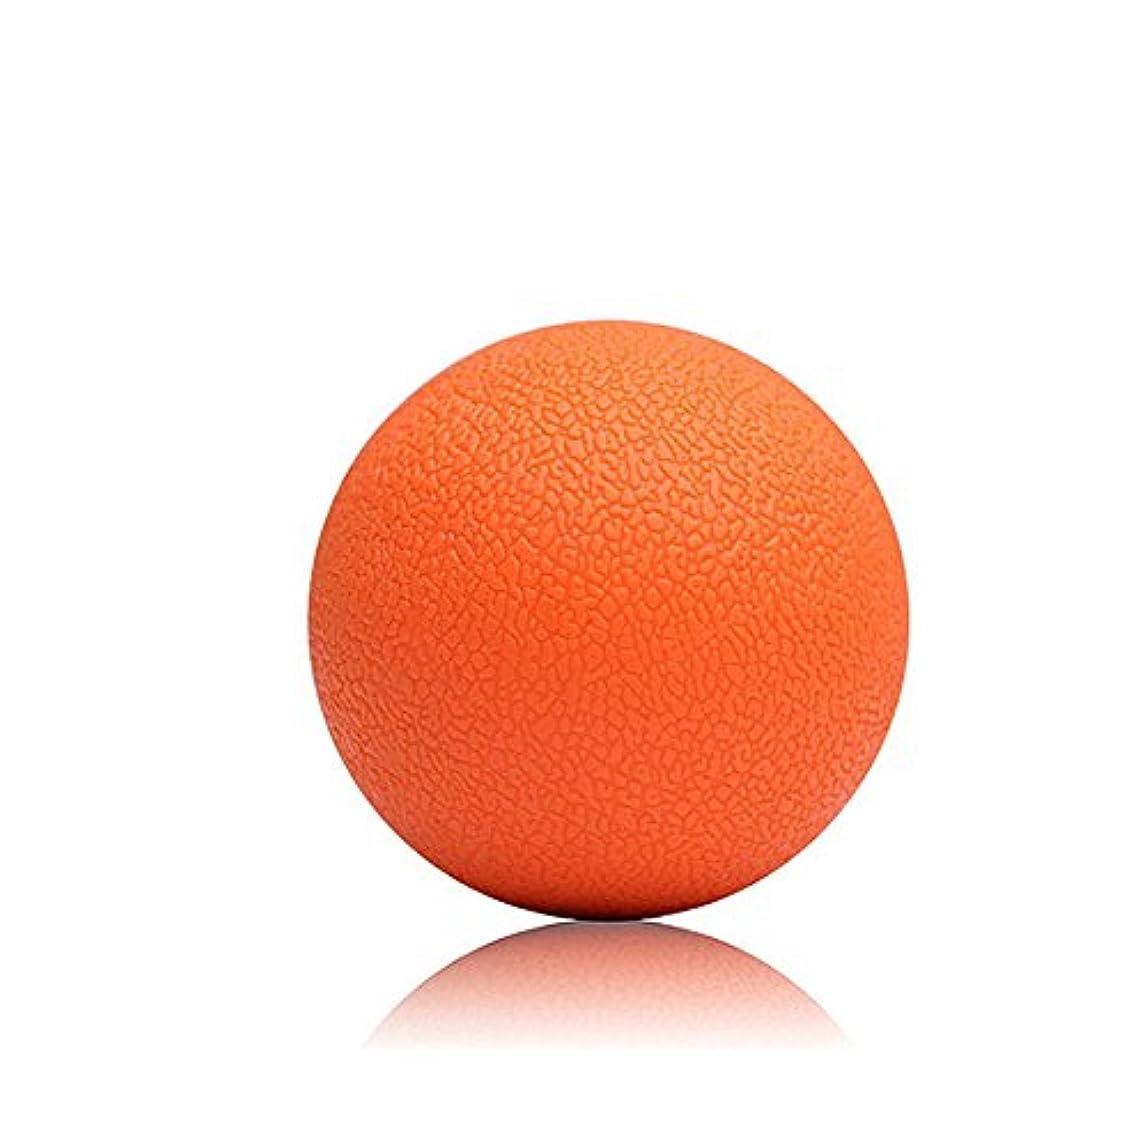 無駄だアプライアンス破裂マッサージボール 筋膜リリース 指圧ボール 足裏 ふくらはぎ ツボ押しグッズ 健康グッズ